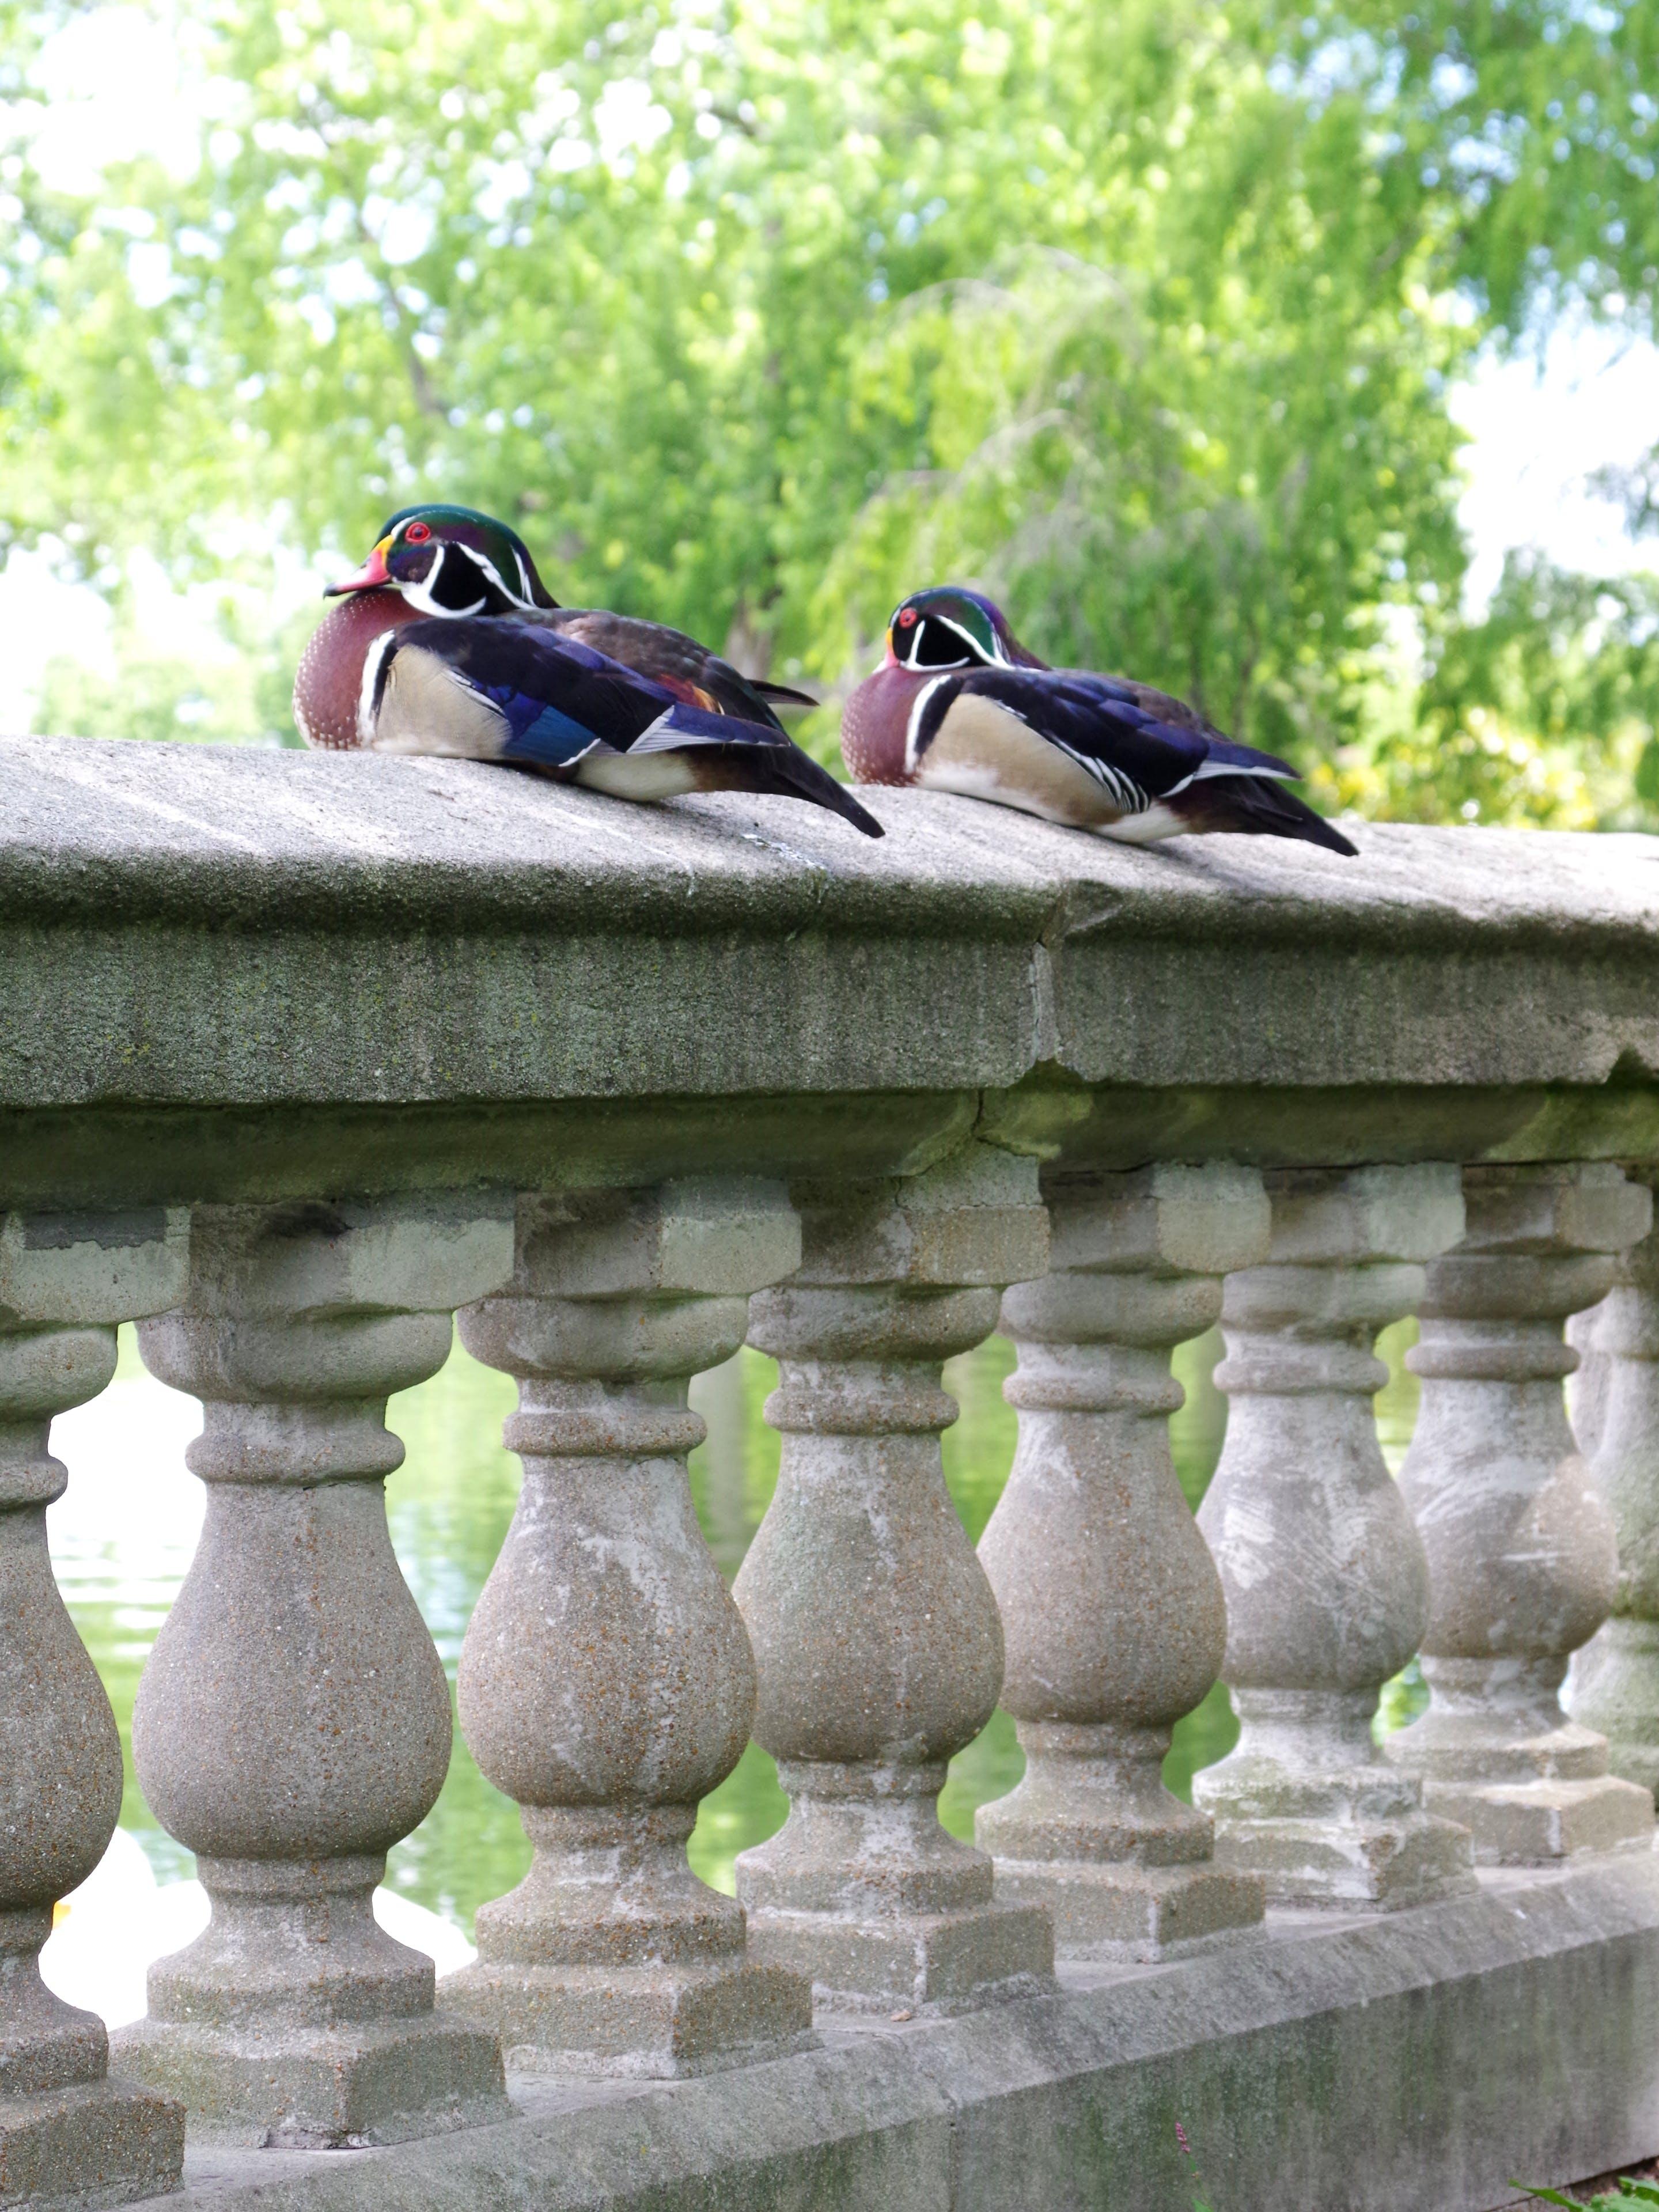 公園, 坐着的鸭子, 欄杆, 池塘 的 免费素材照片